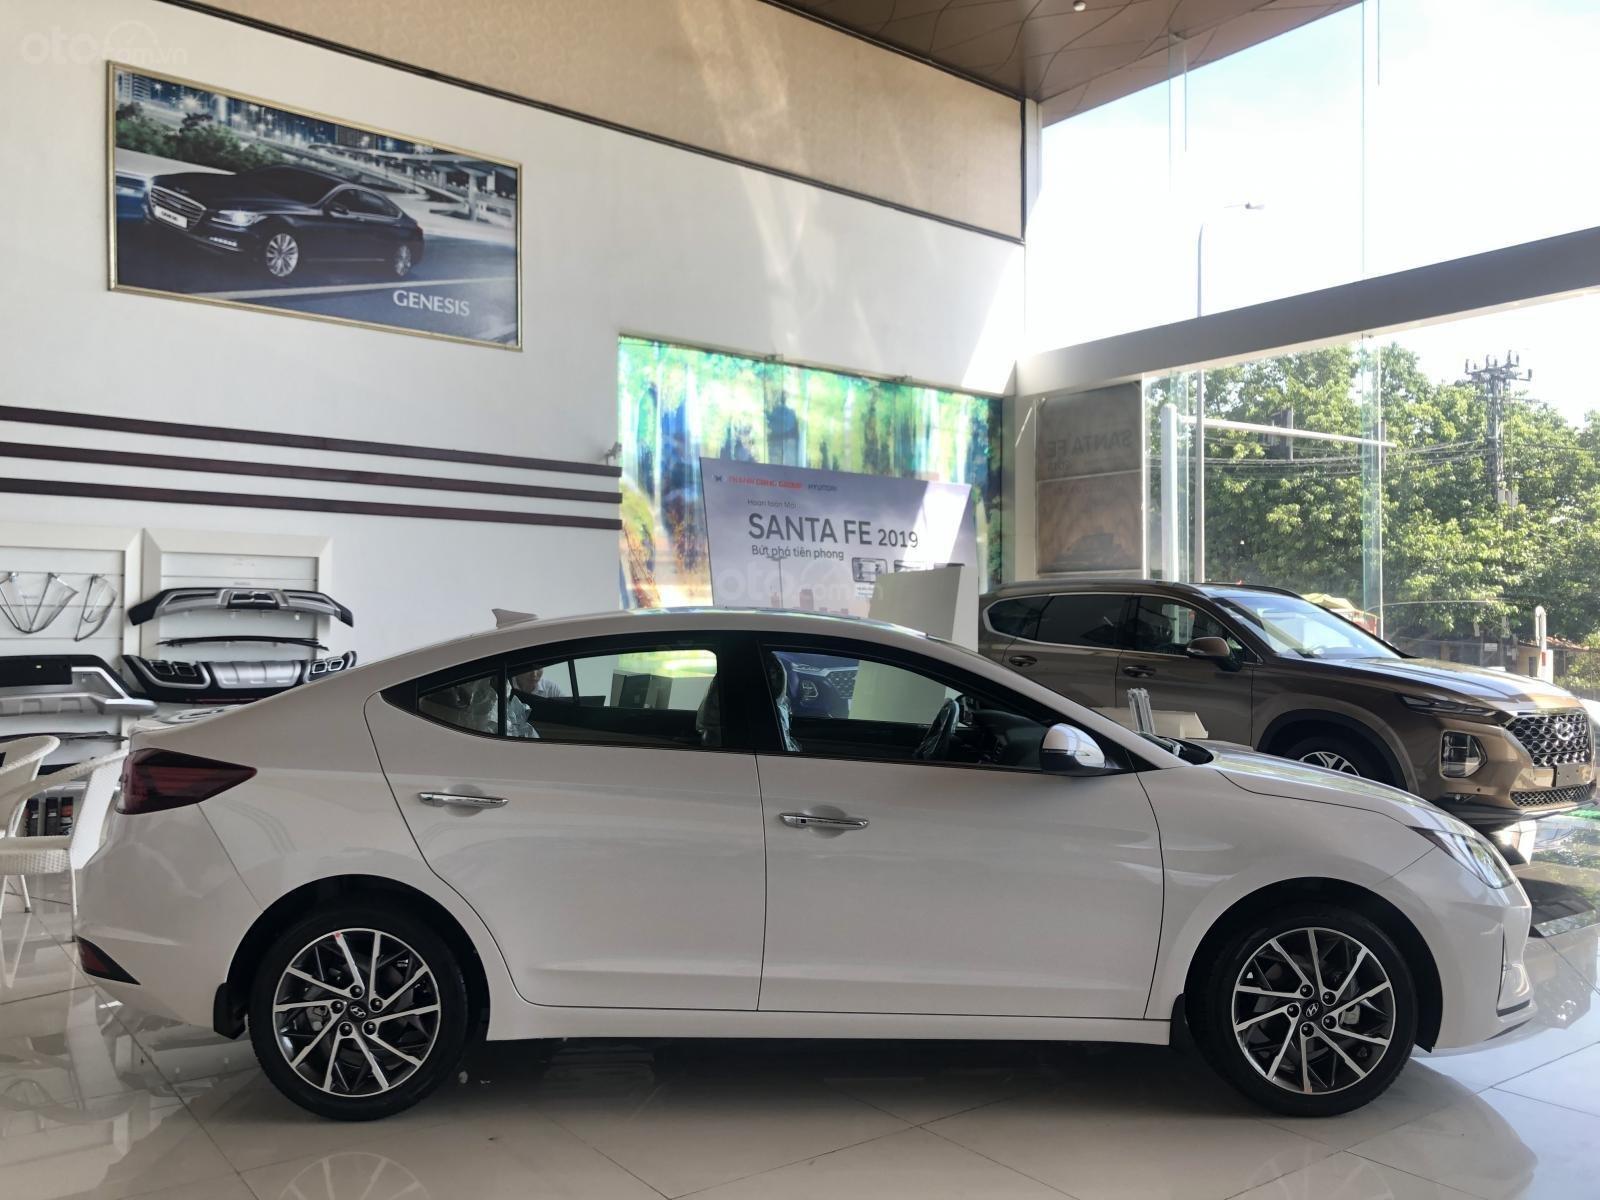 Xe Hyundai Elantra 2019, giá từ 555tr - màu trắng- giao ngay - LH: 0919293553 (8)